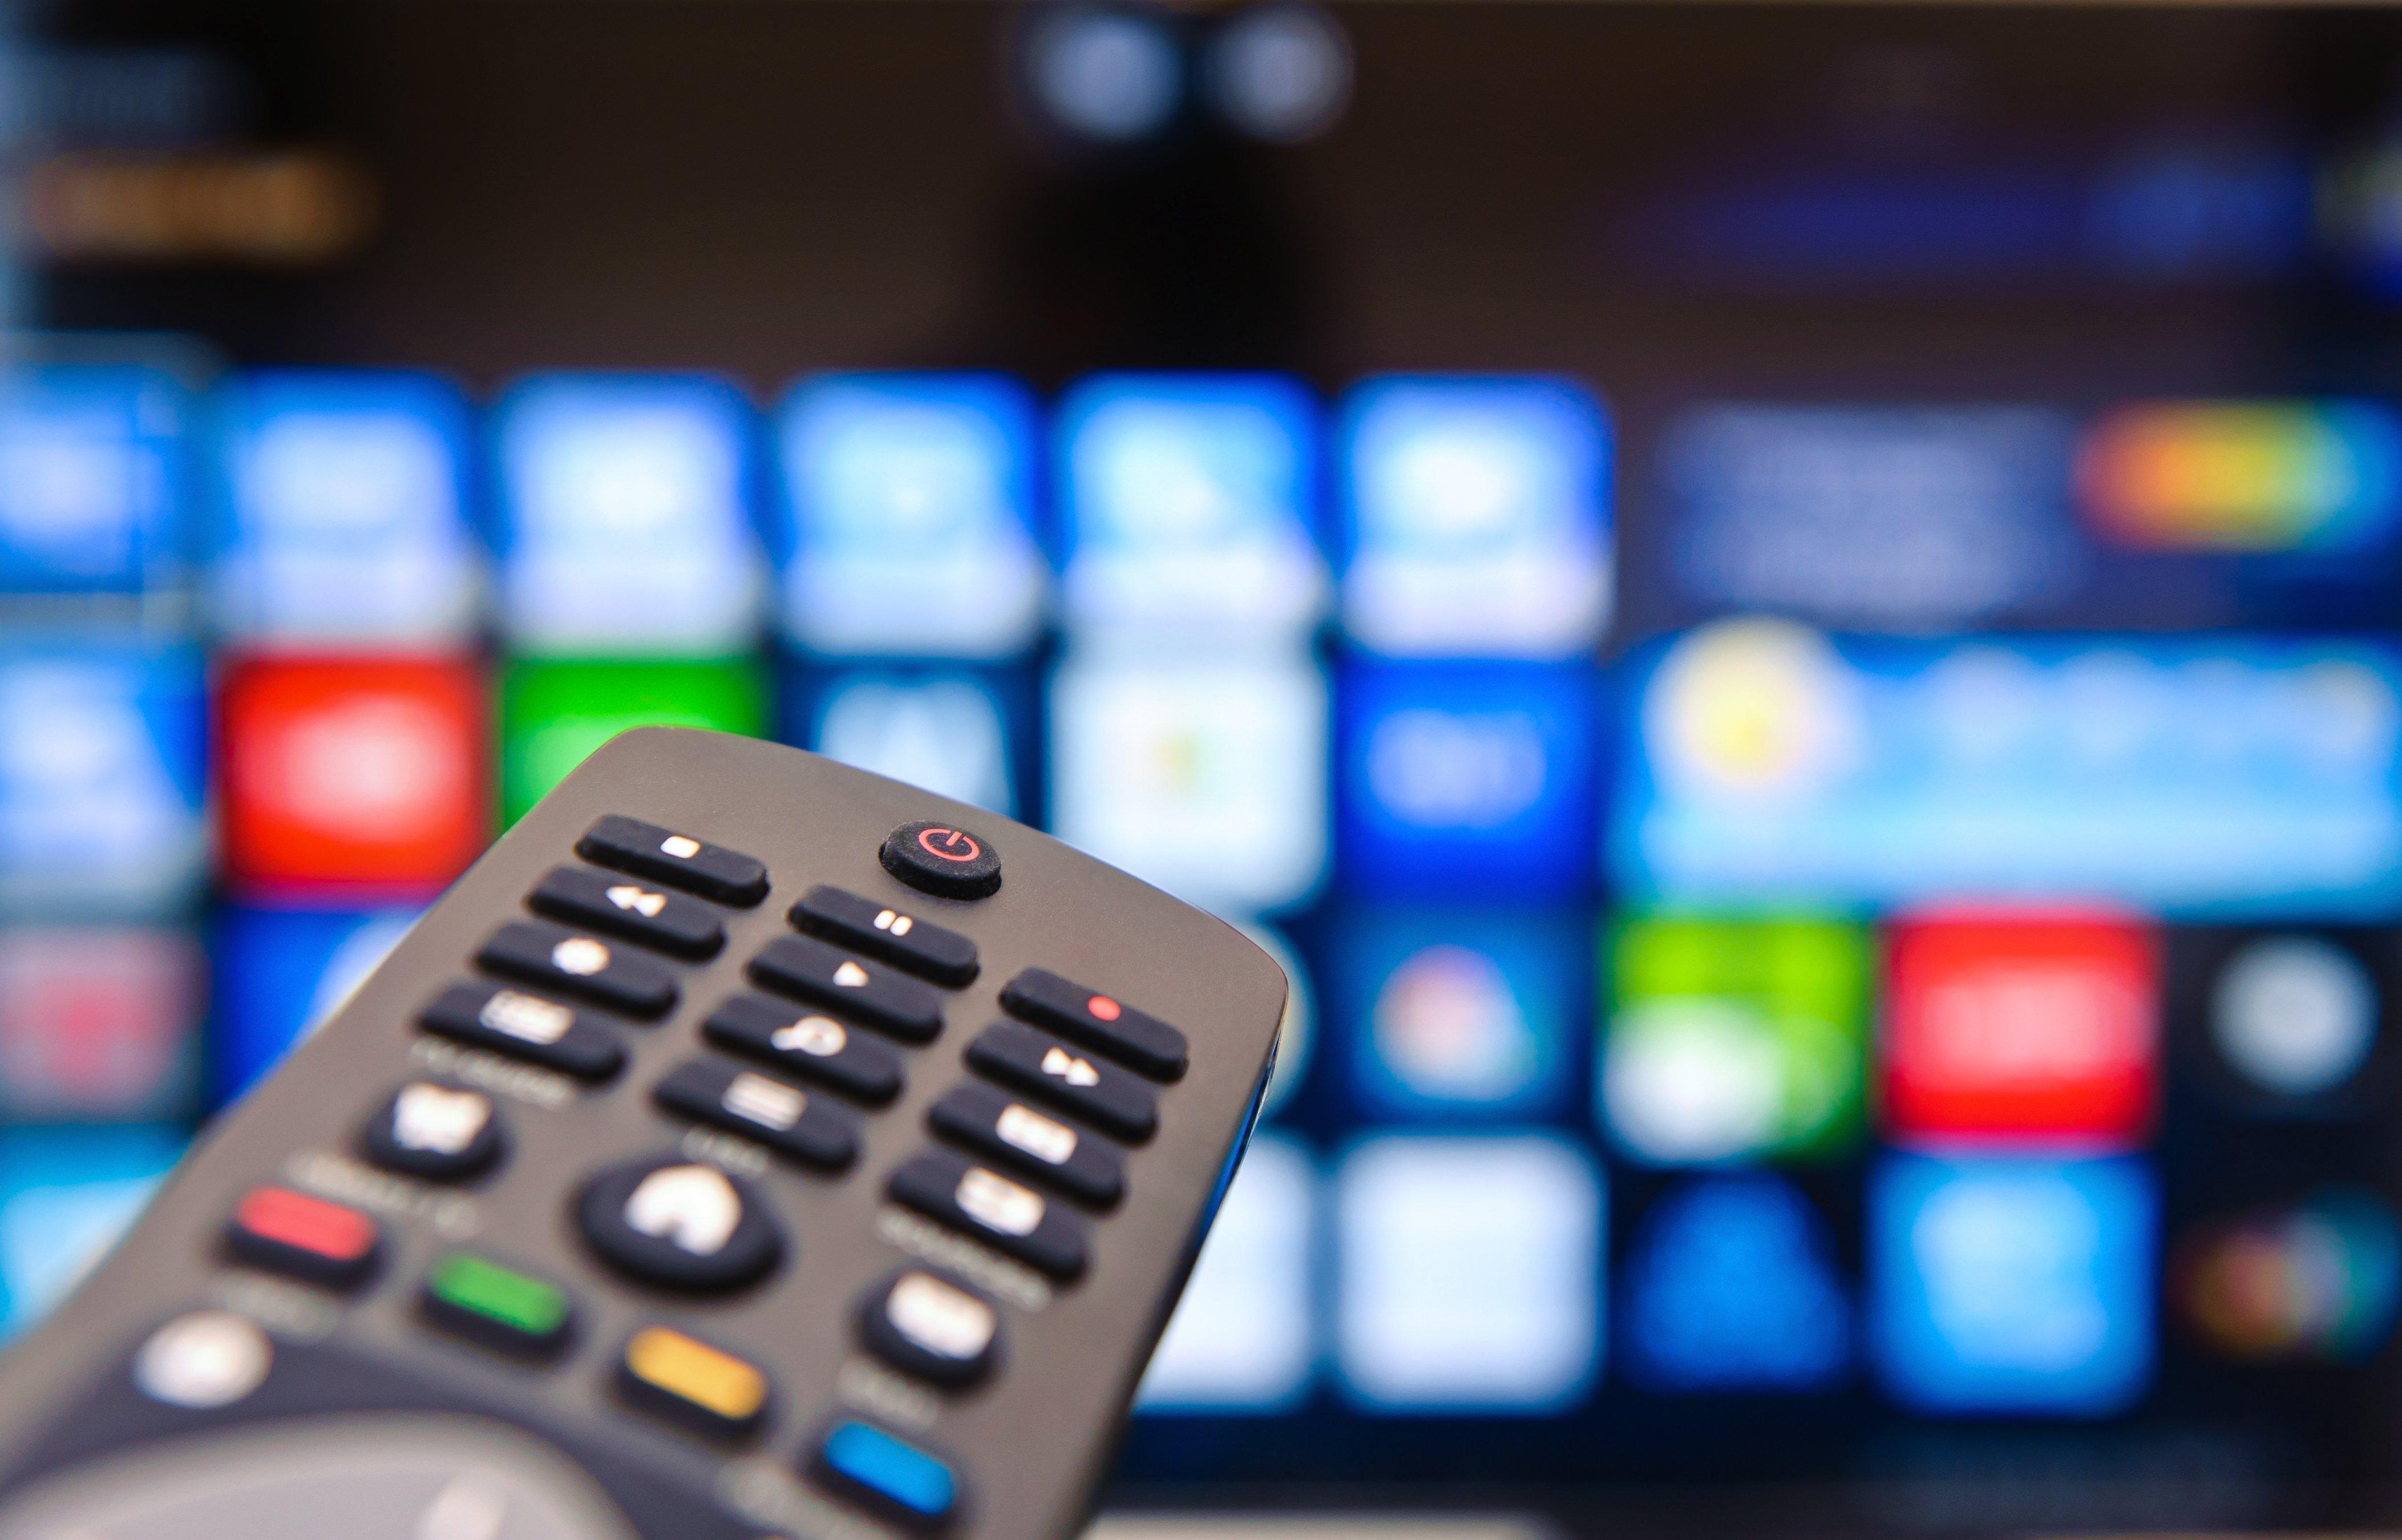 Εκτεθειμένοι οι τηλεοπτικοί σταθμοί της Κύπρου